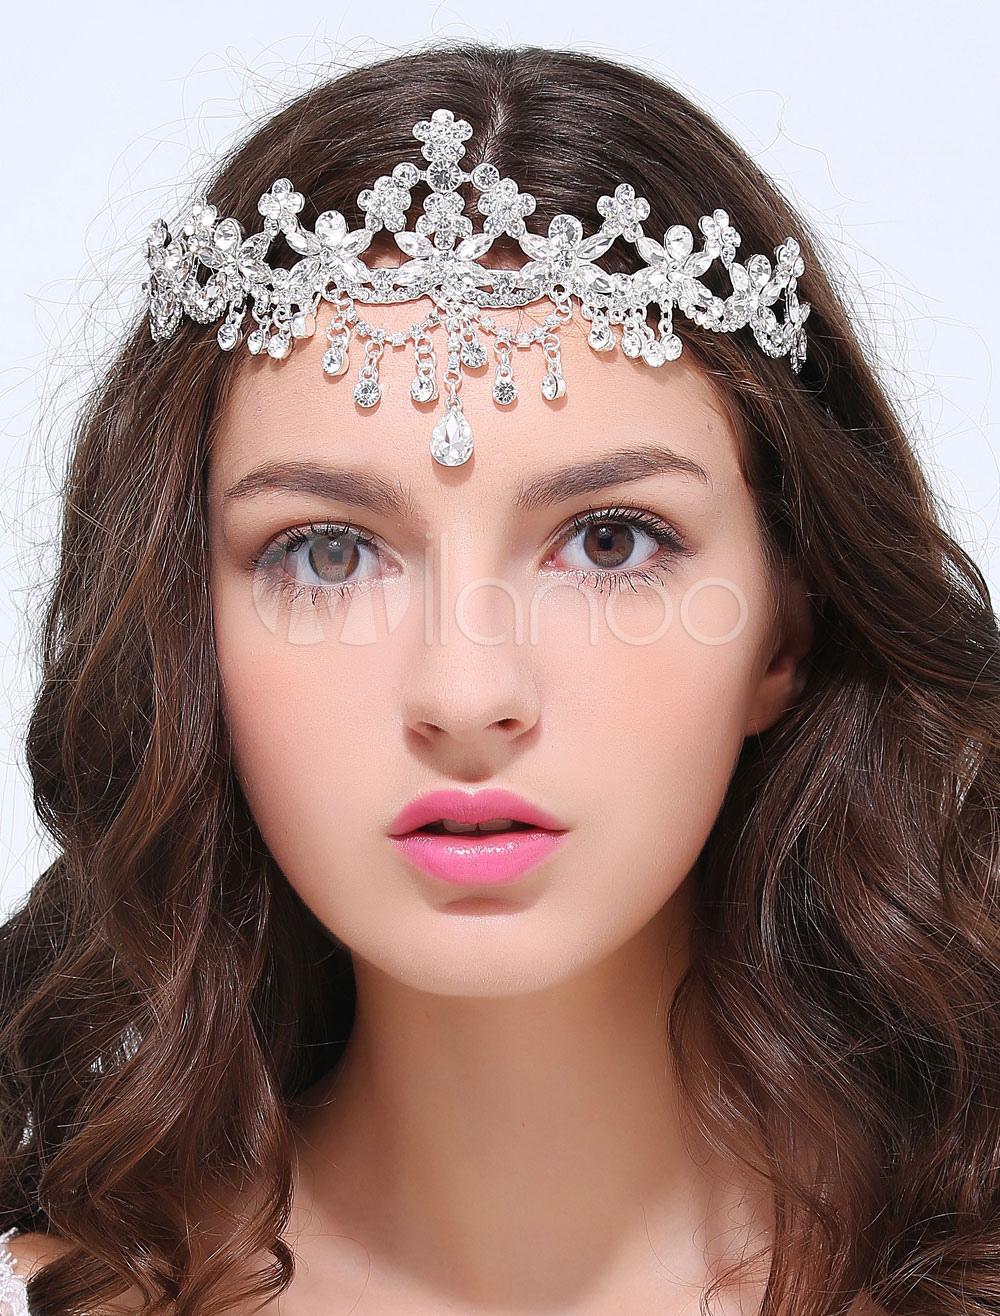 Silver Metal Crown Wedding Hair Jewelry